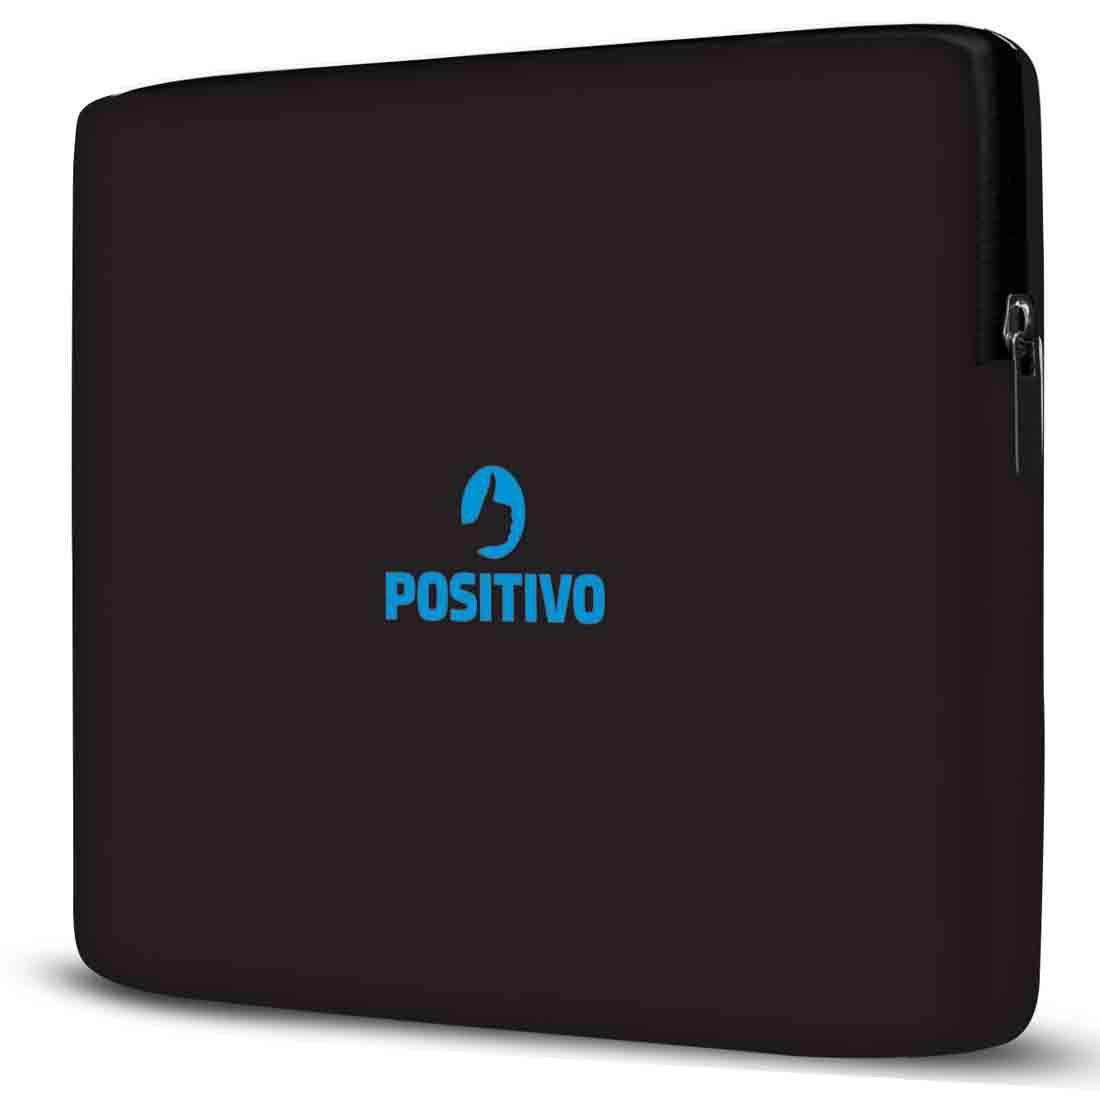 Capa para Notebook Positivo 15.6 À 17 Polegadas